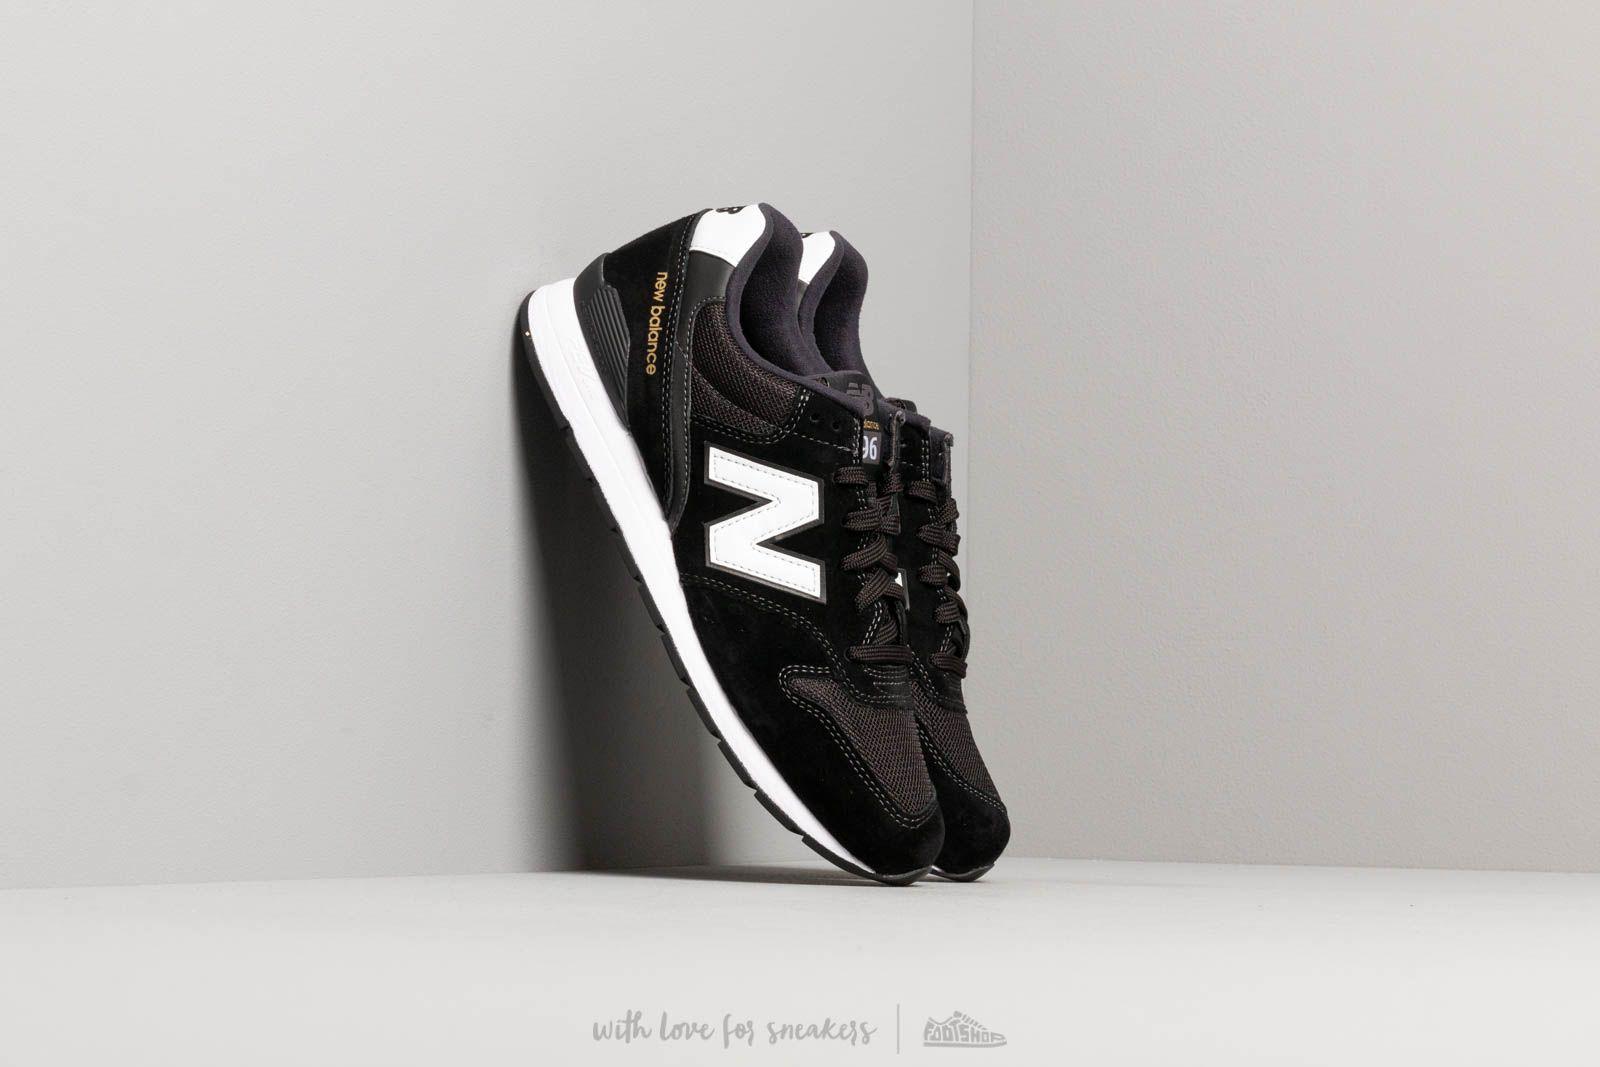 c77ad35cee7 New Balance 996 Black  White a muy buen precio 103 € comprar en Footshop